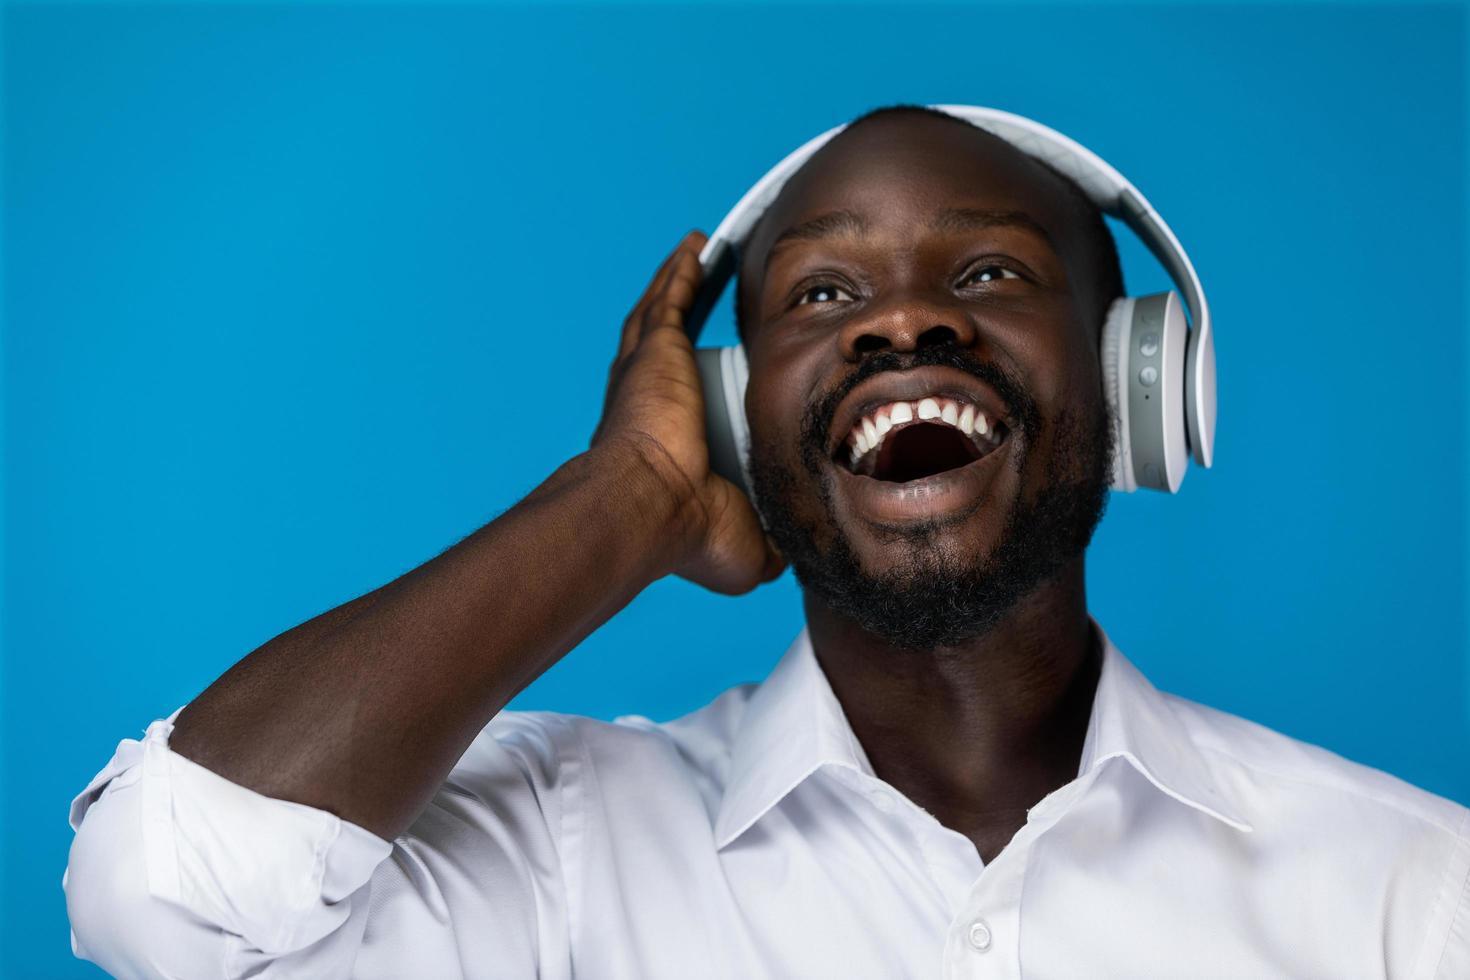 schwarzer Mann, der Musik hört foto